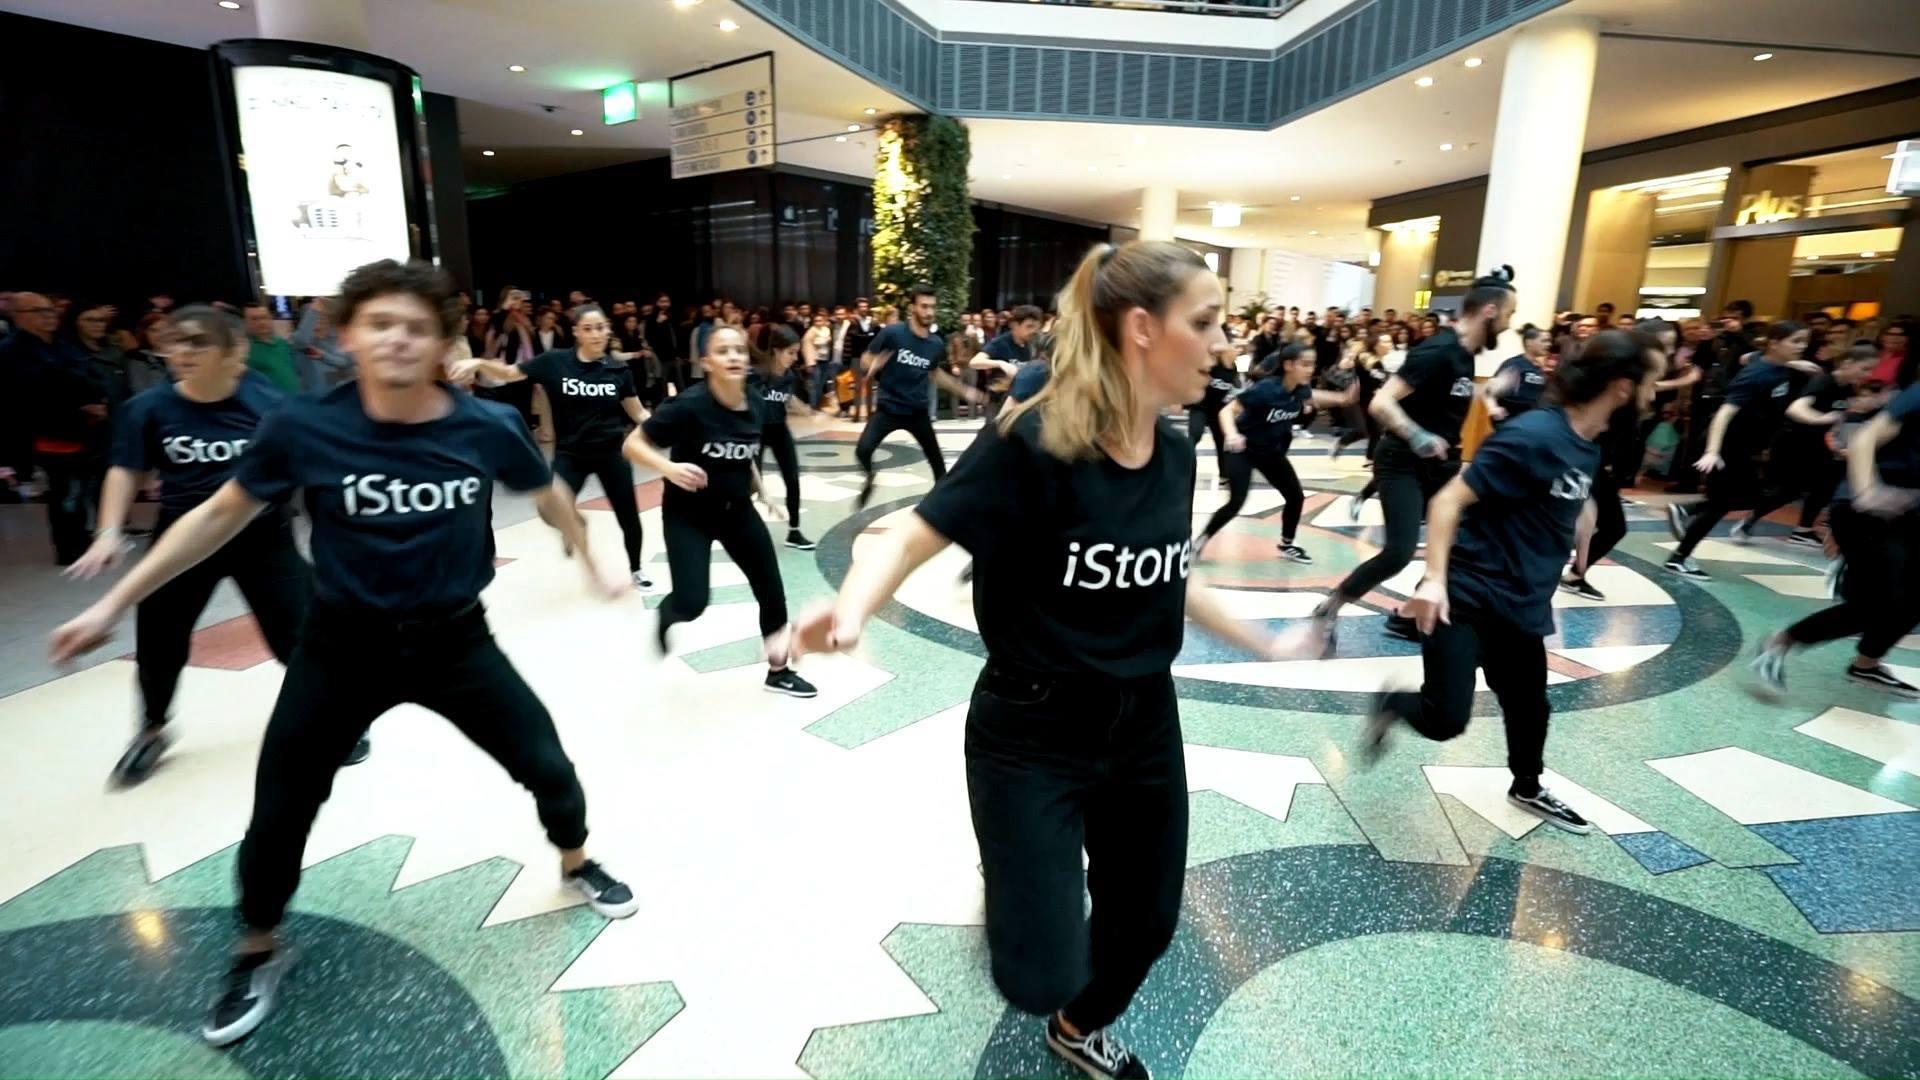 Inauguração iStore | Norteshopping | #rpdancers